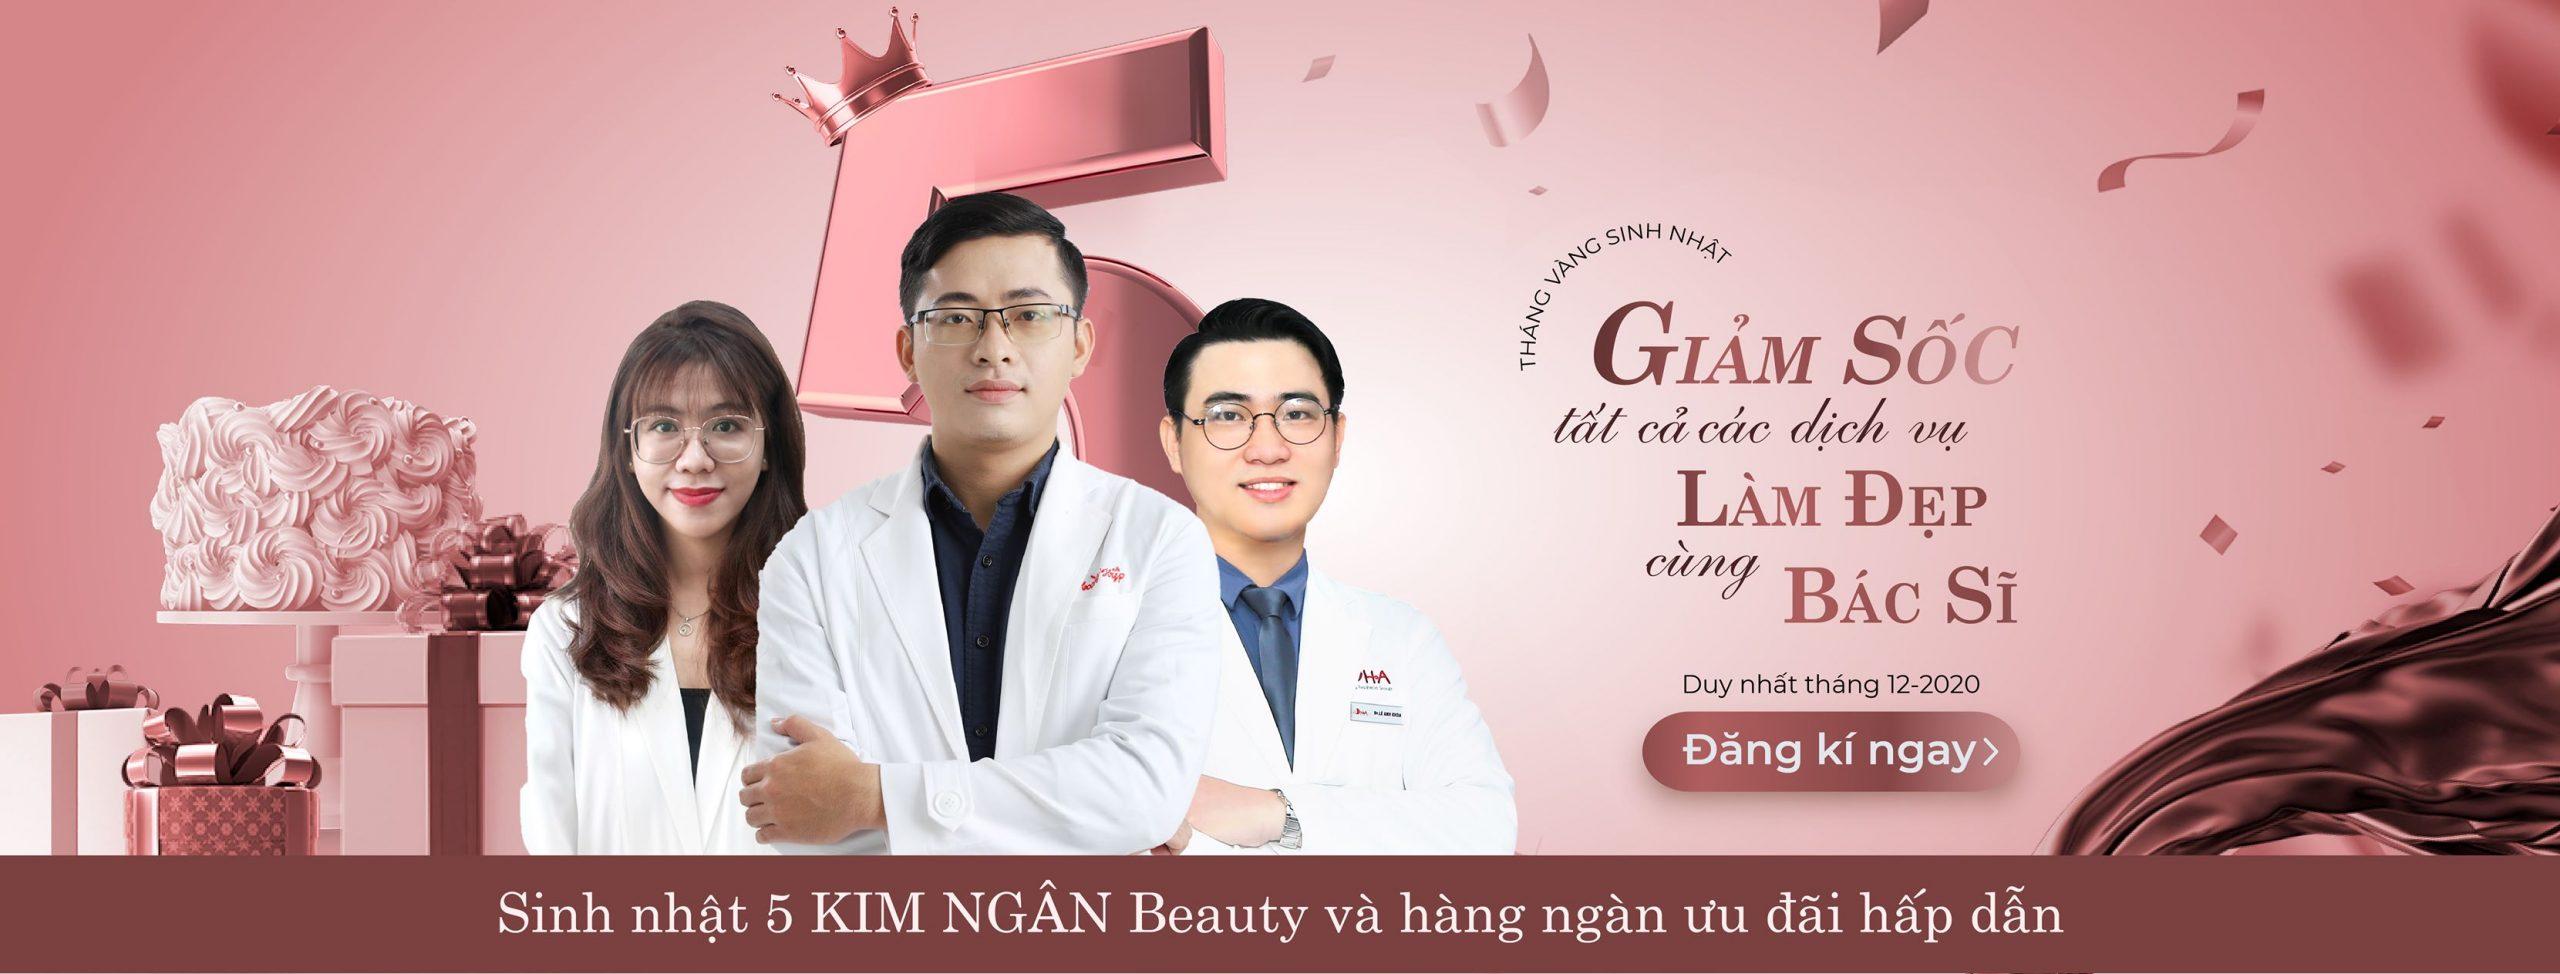 làm đẹp clàm đẹp cùng bác sĩ tại kim ngan beauty careùng bác sĩ tại kim ngan beauty care